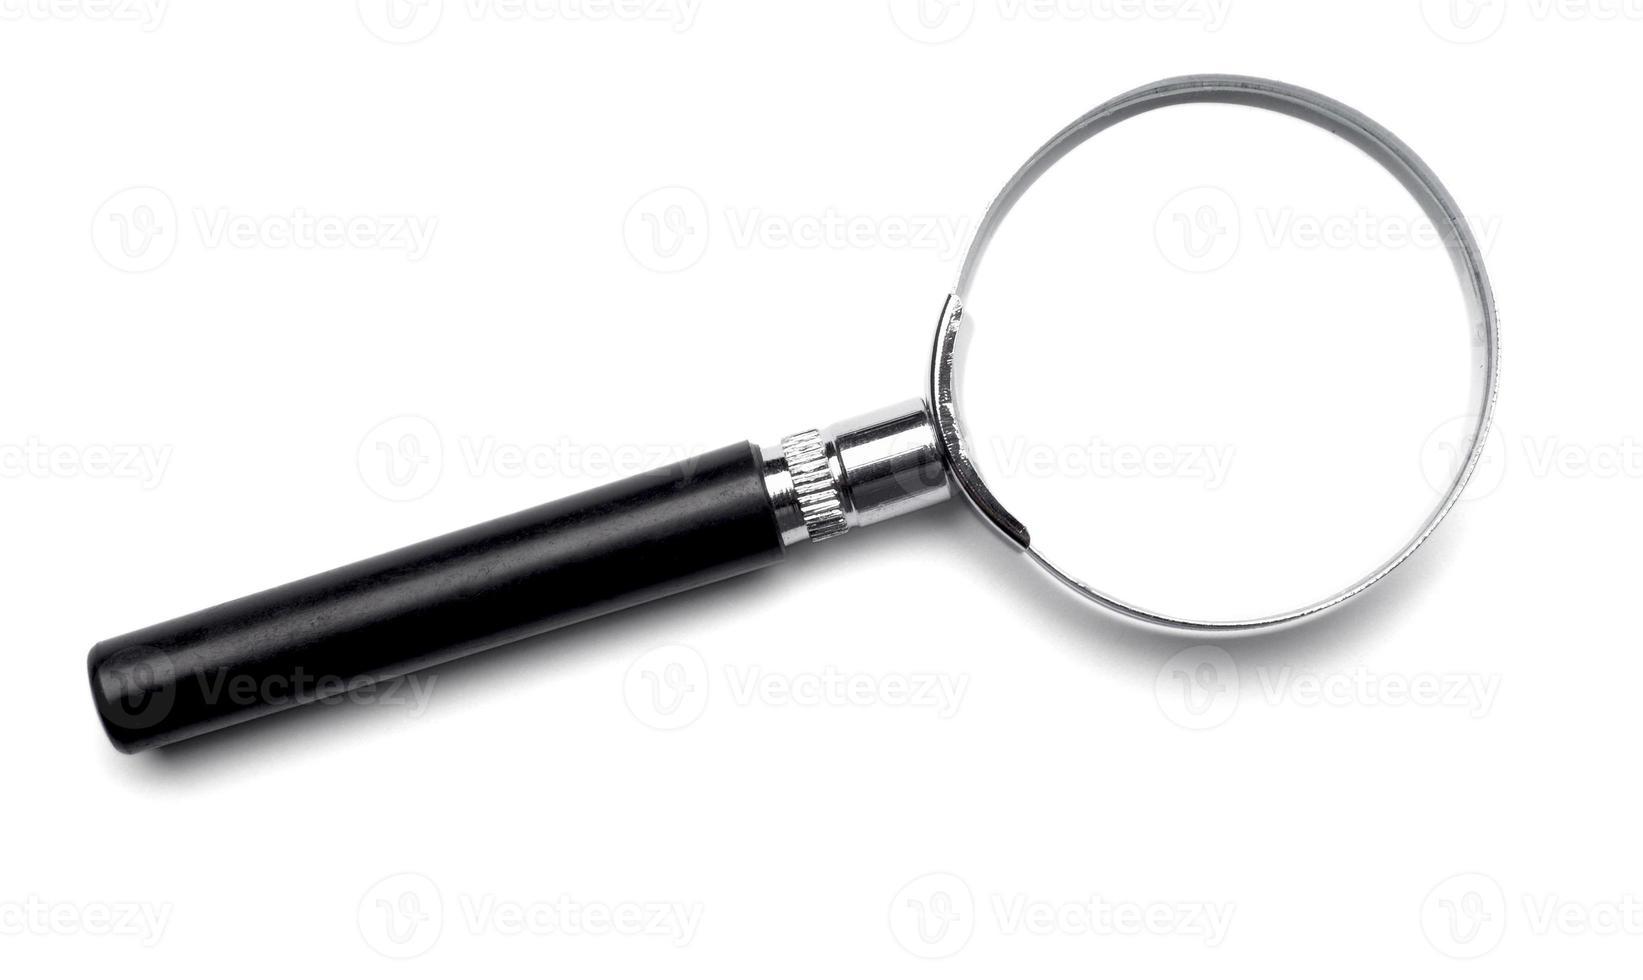 Lupenuntersuchung suchen vergrößern Forschung foto